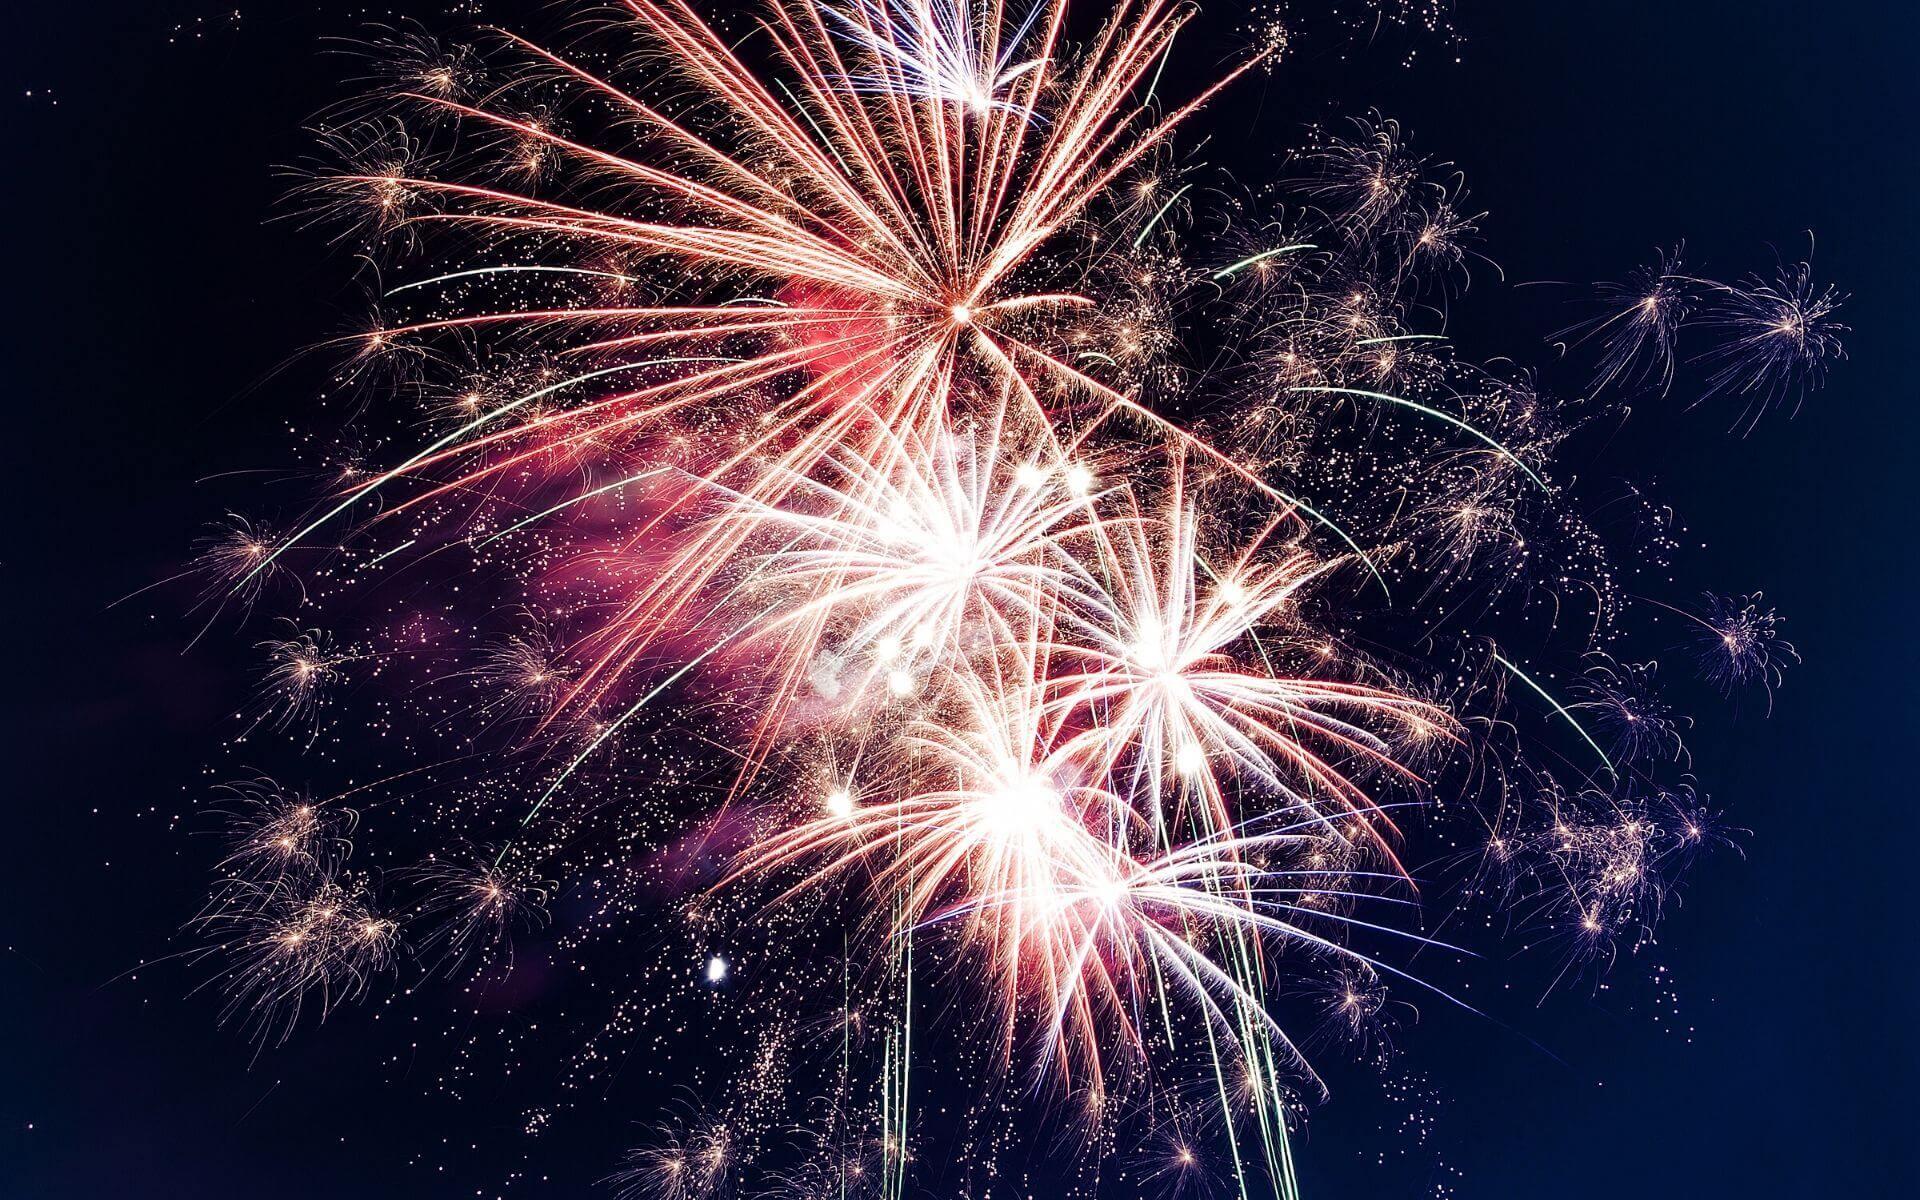 51 originelle Neujahrswünsche & -Zitate, um 2020 willkommen zu heißen!